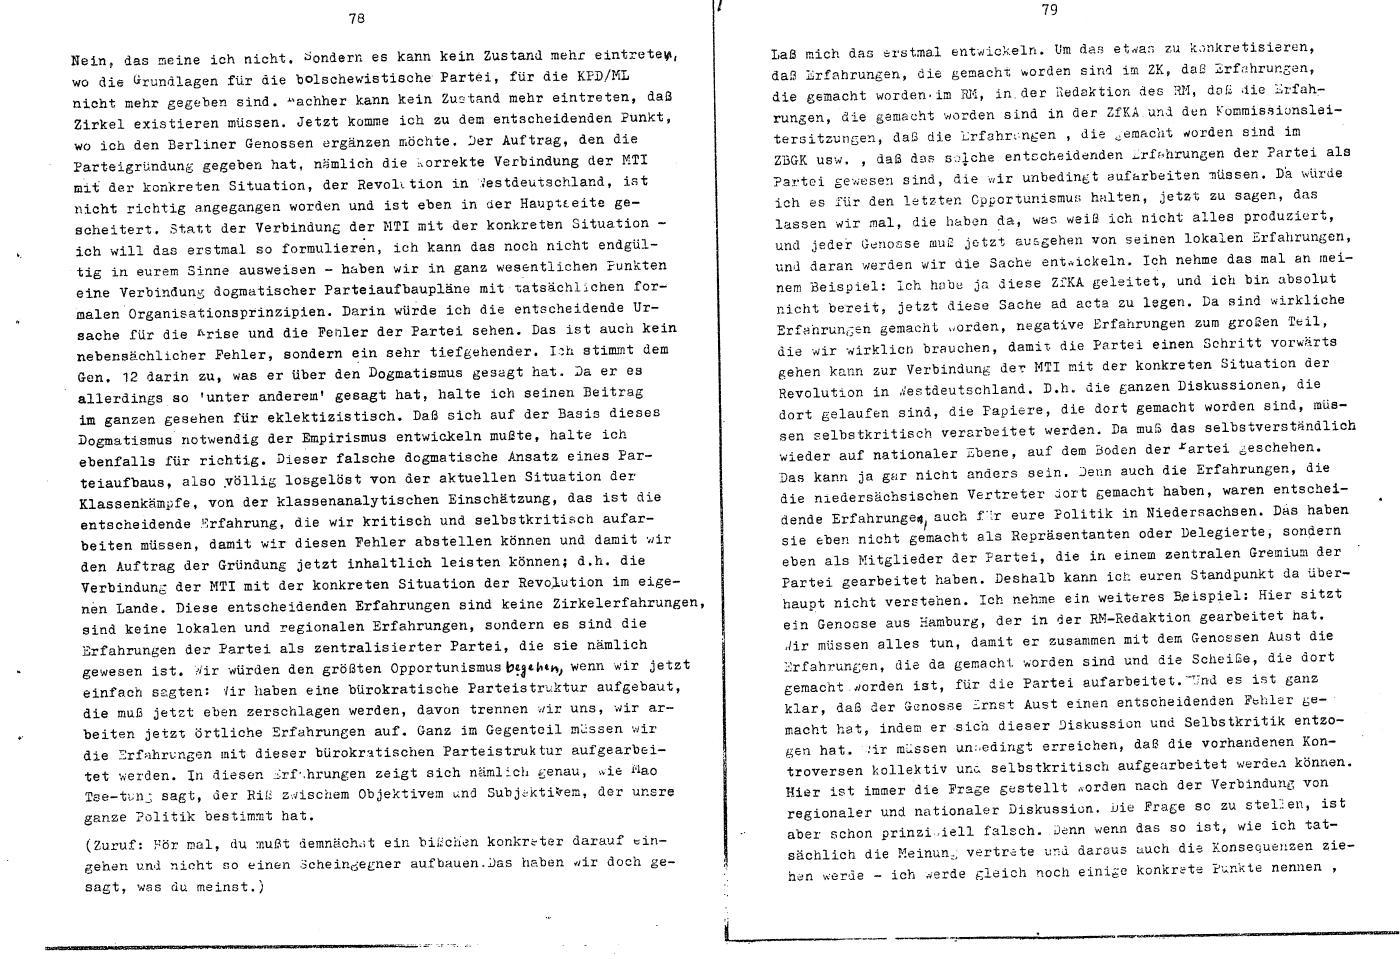 KPDML_1971_Wortprotokolle_aoPt_028